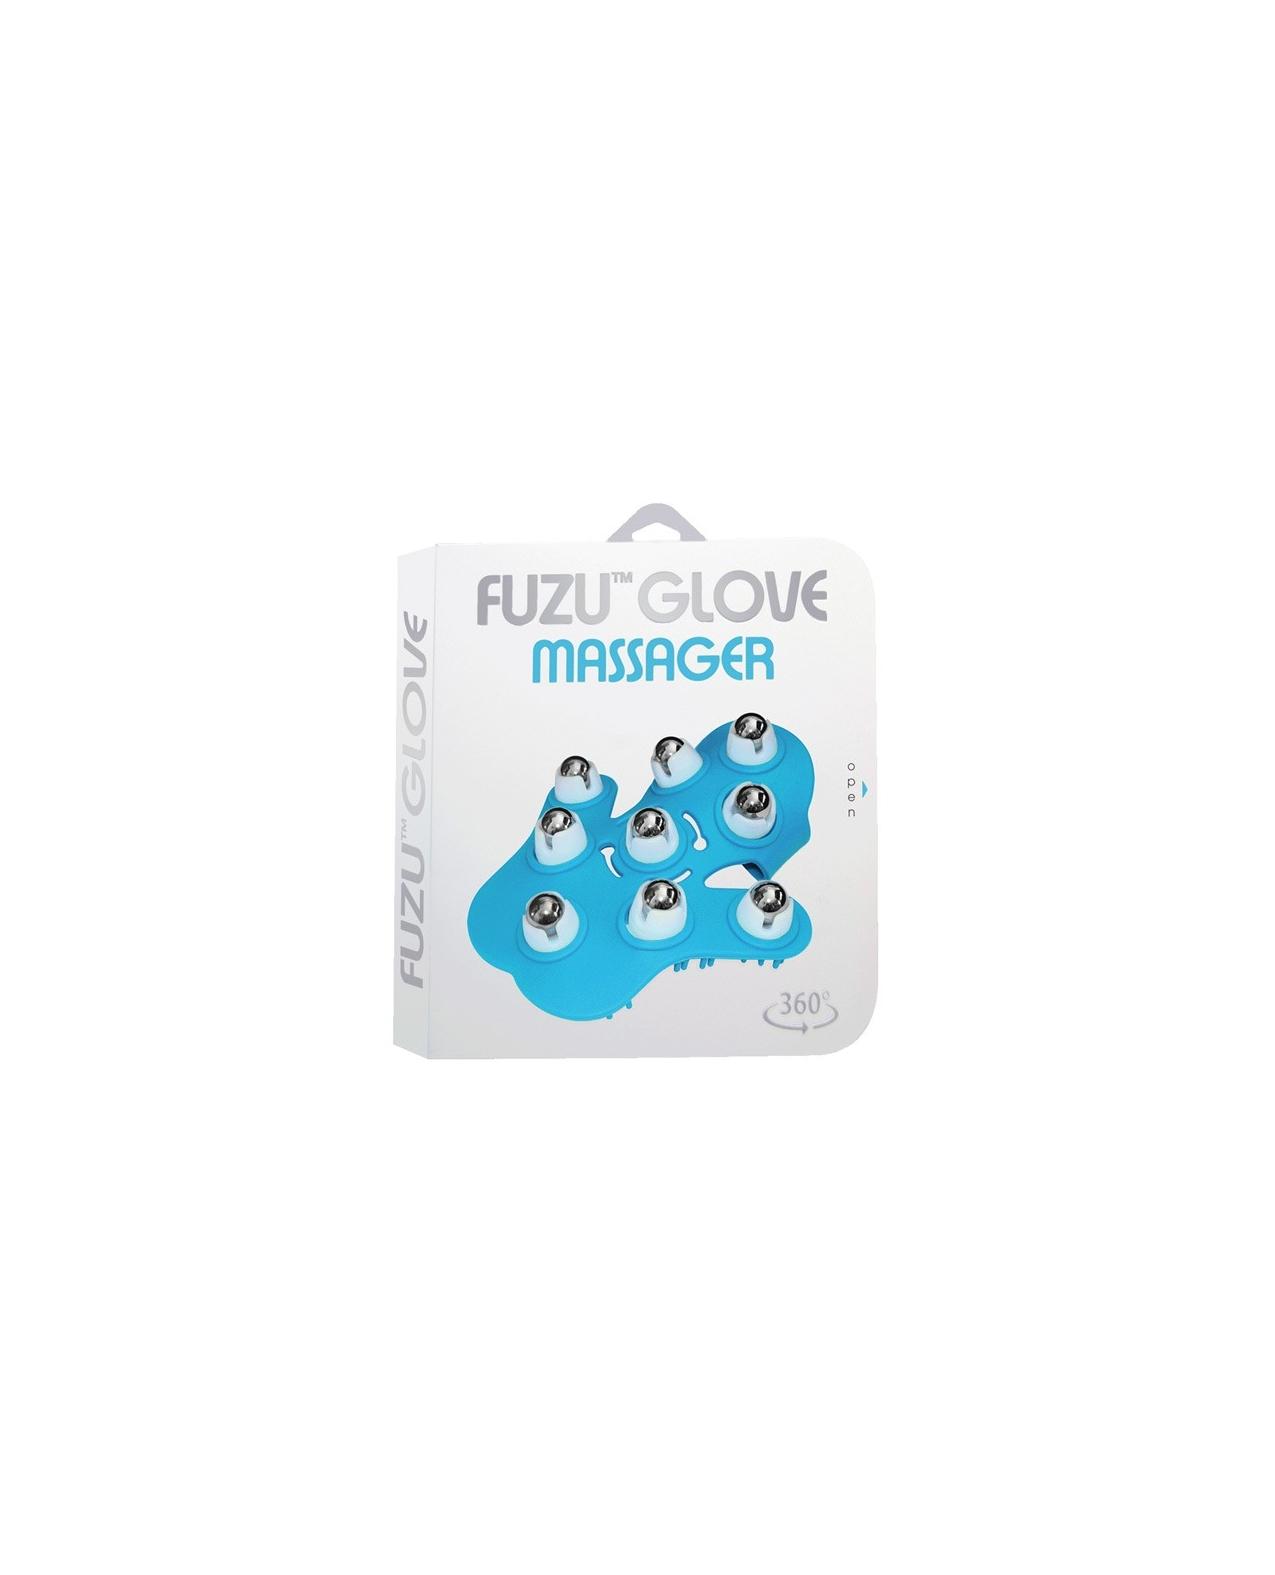 Fuzu Glove Massager - Neon Blue